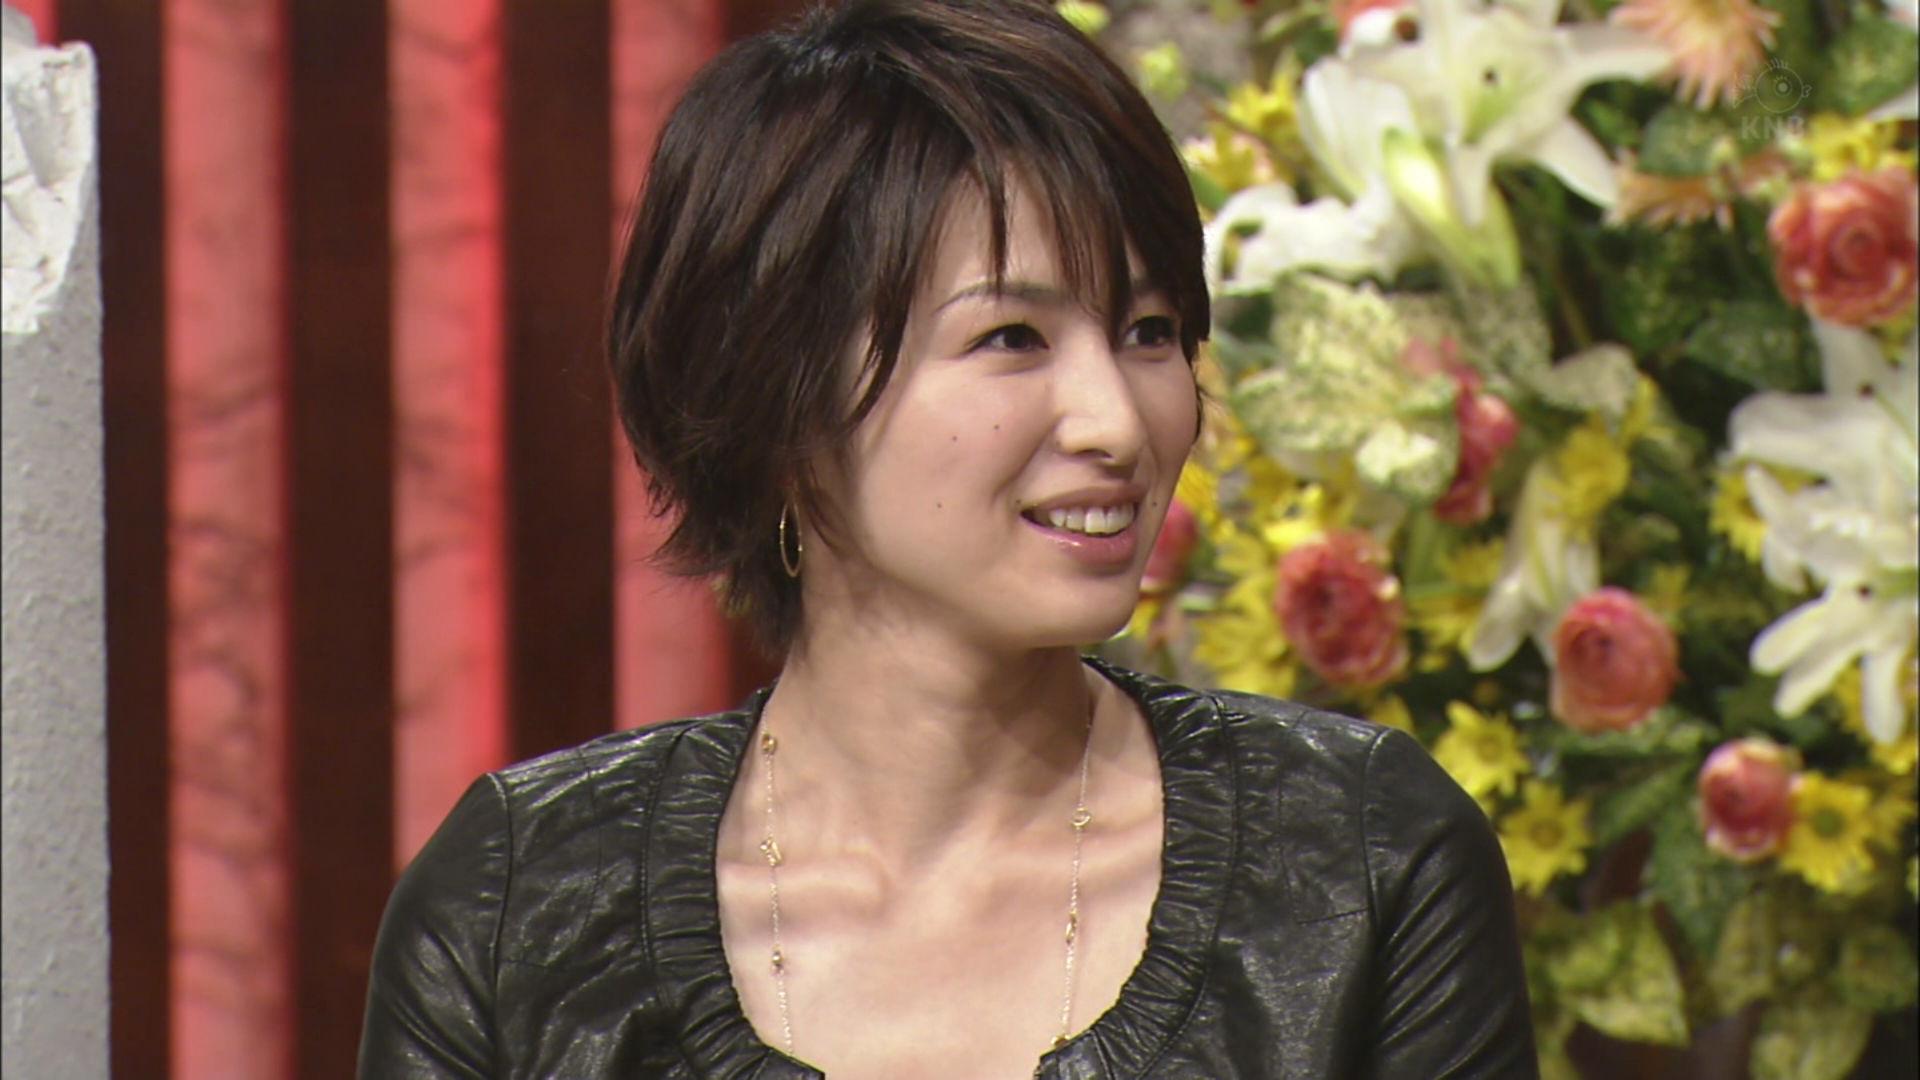 吉瀬美智子さんの出身高校も荒れていた?どんな学校なのか調べてみたのサムネイル画像